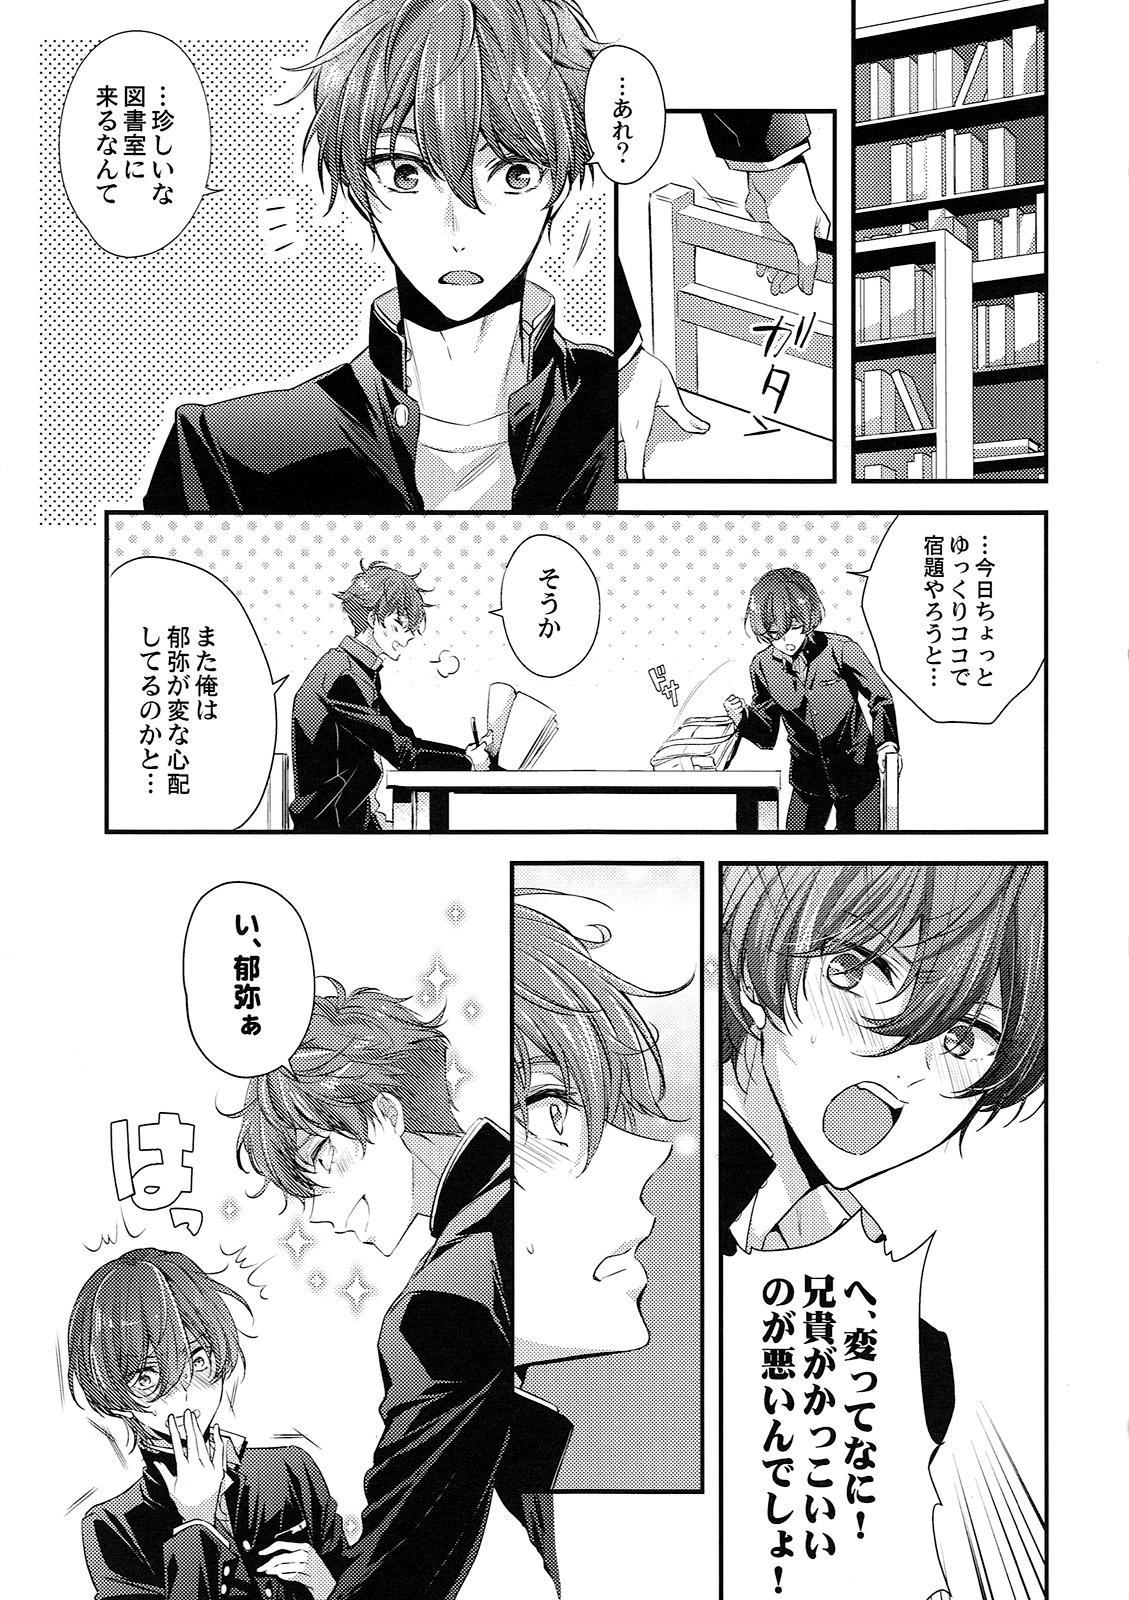 Aniki ga Kakkoyokute Shinpaisugiru! 13